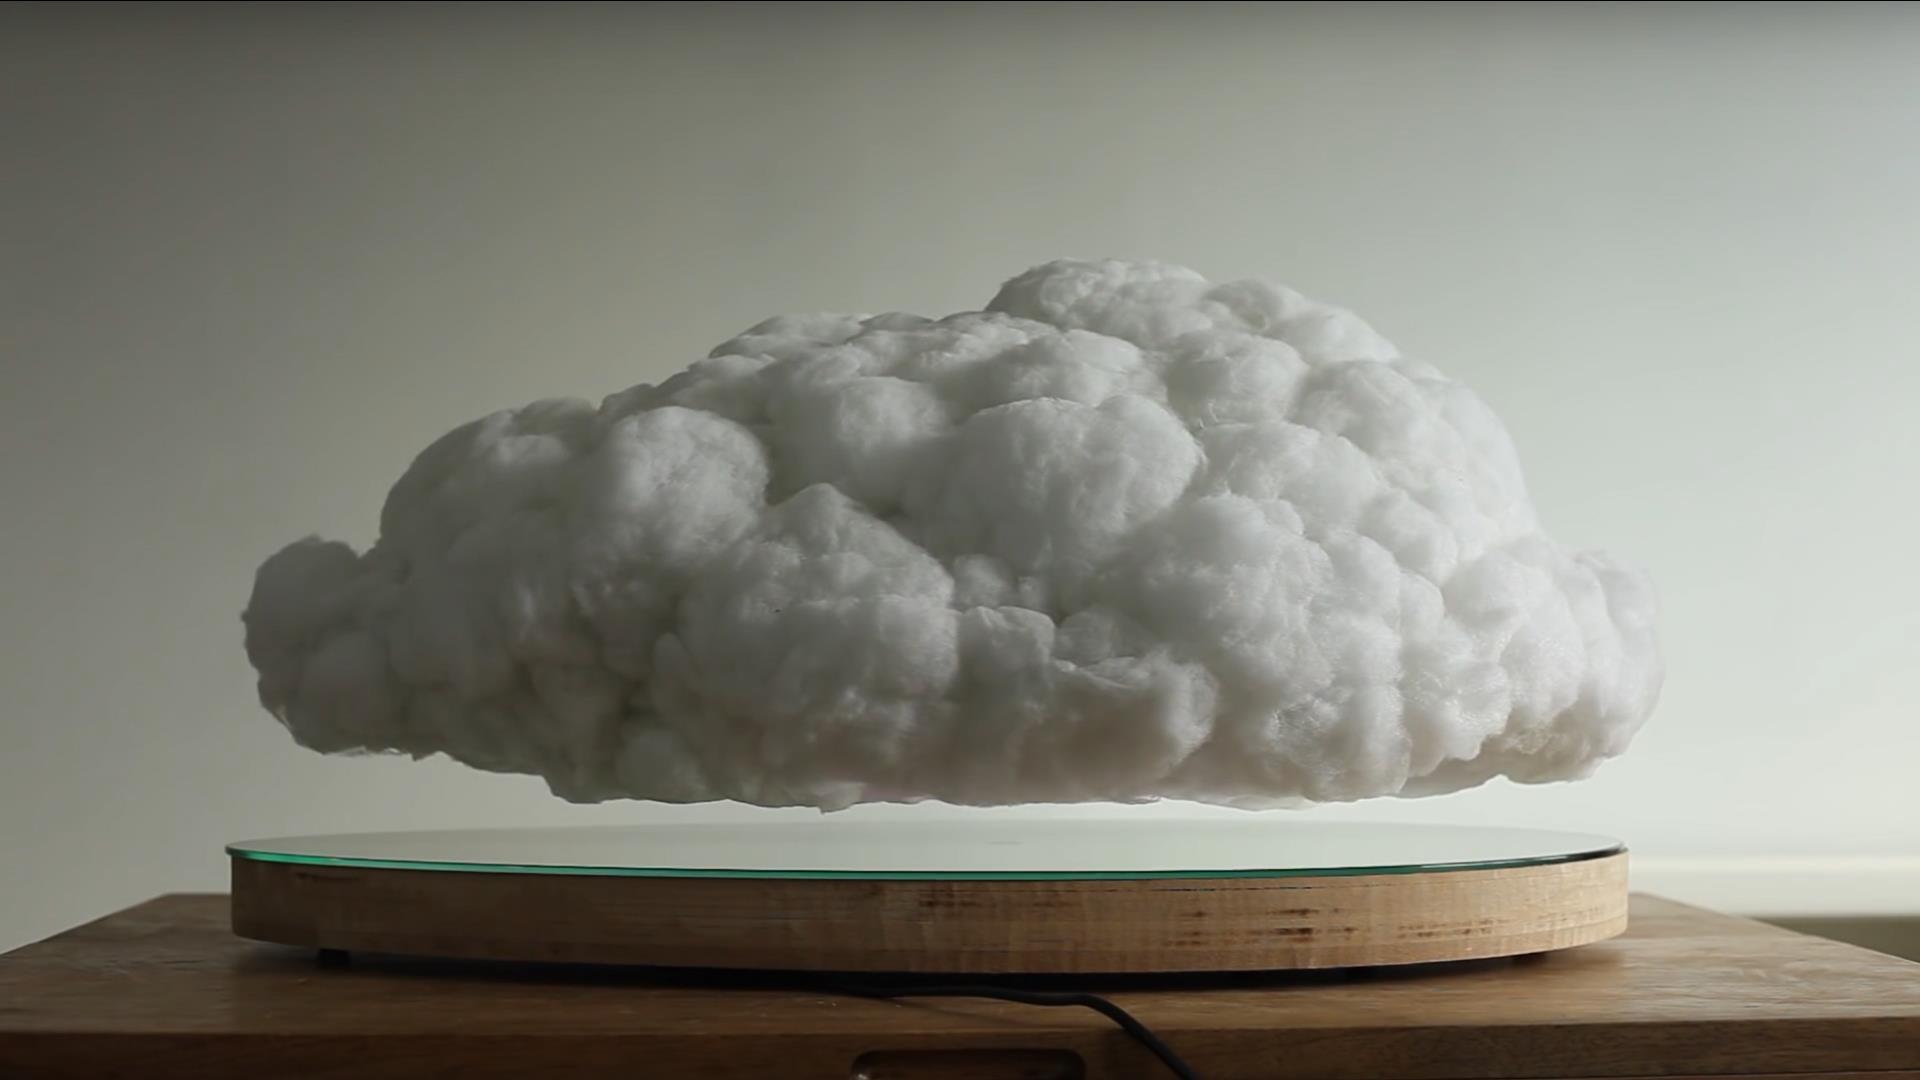 El sorprendente parlante en forma de nube que levita